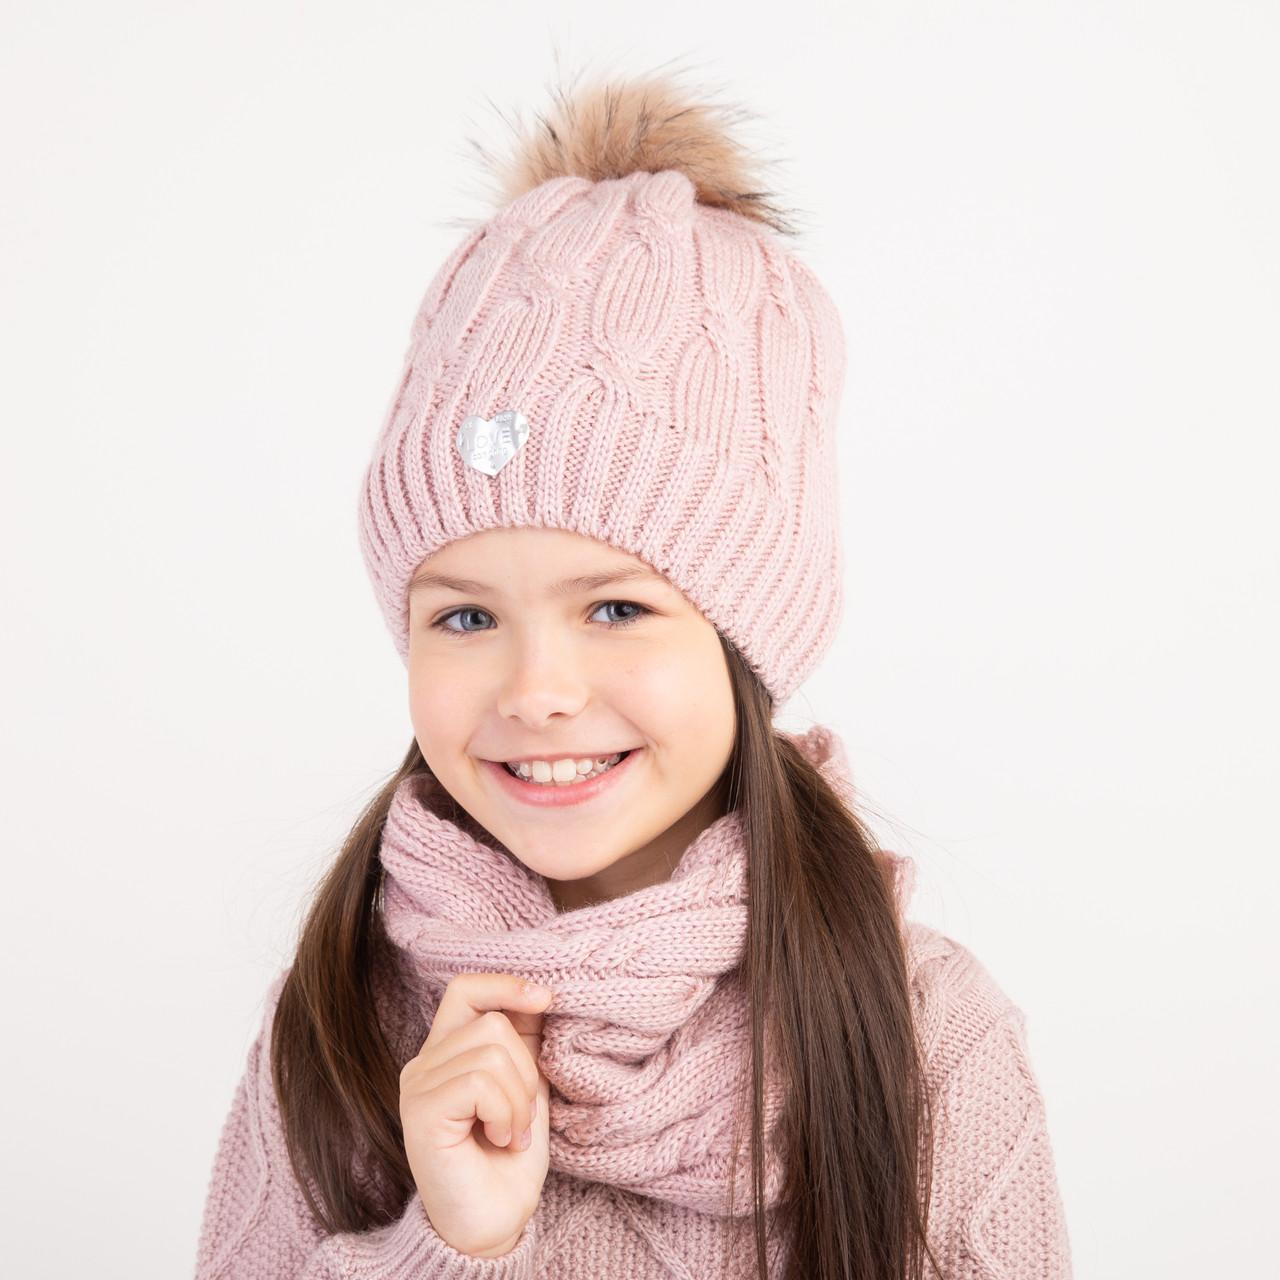 Зимний вязаный комплект для девочки оптом - Артикул 2382